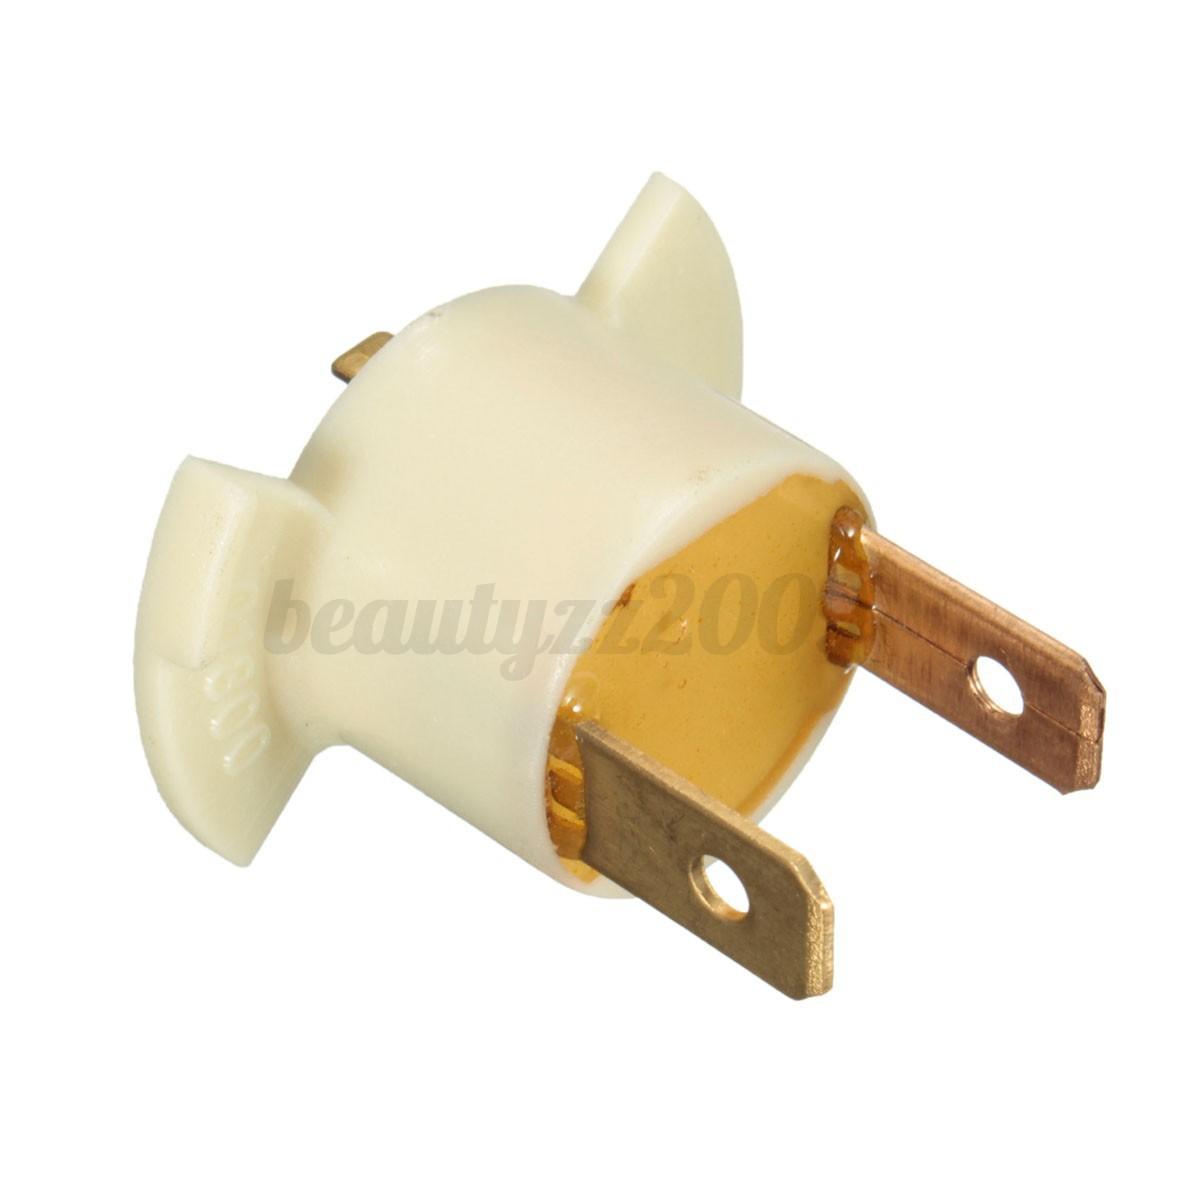 ... -Headlight-Bulb-Socket-Holder-For-Honda-CRV-CR-V-Prelude-Acura-RL